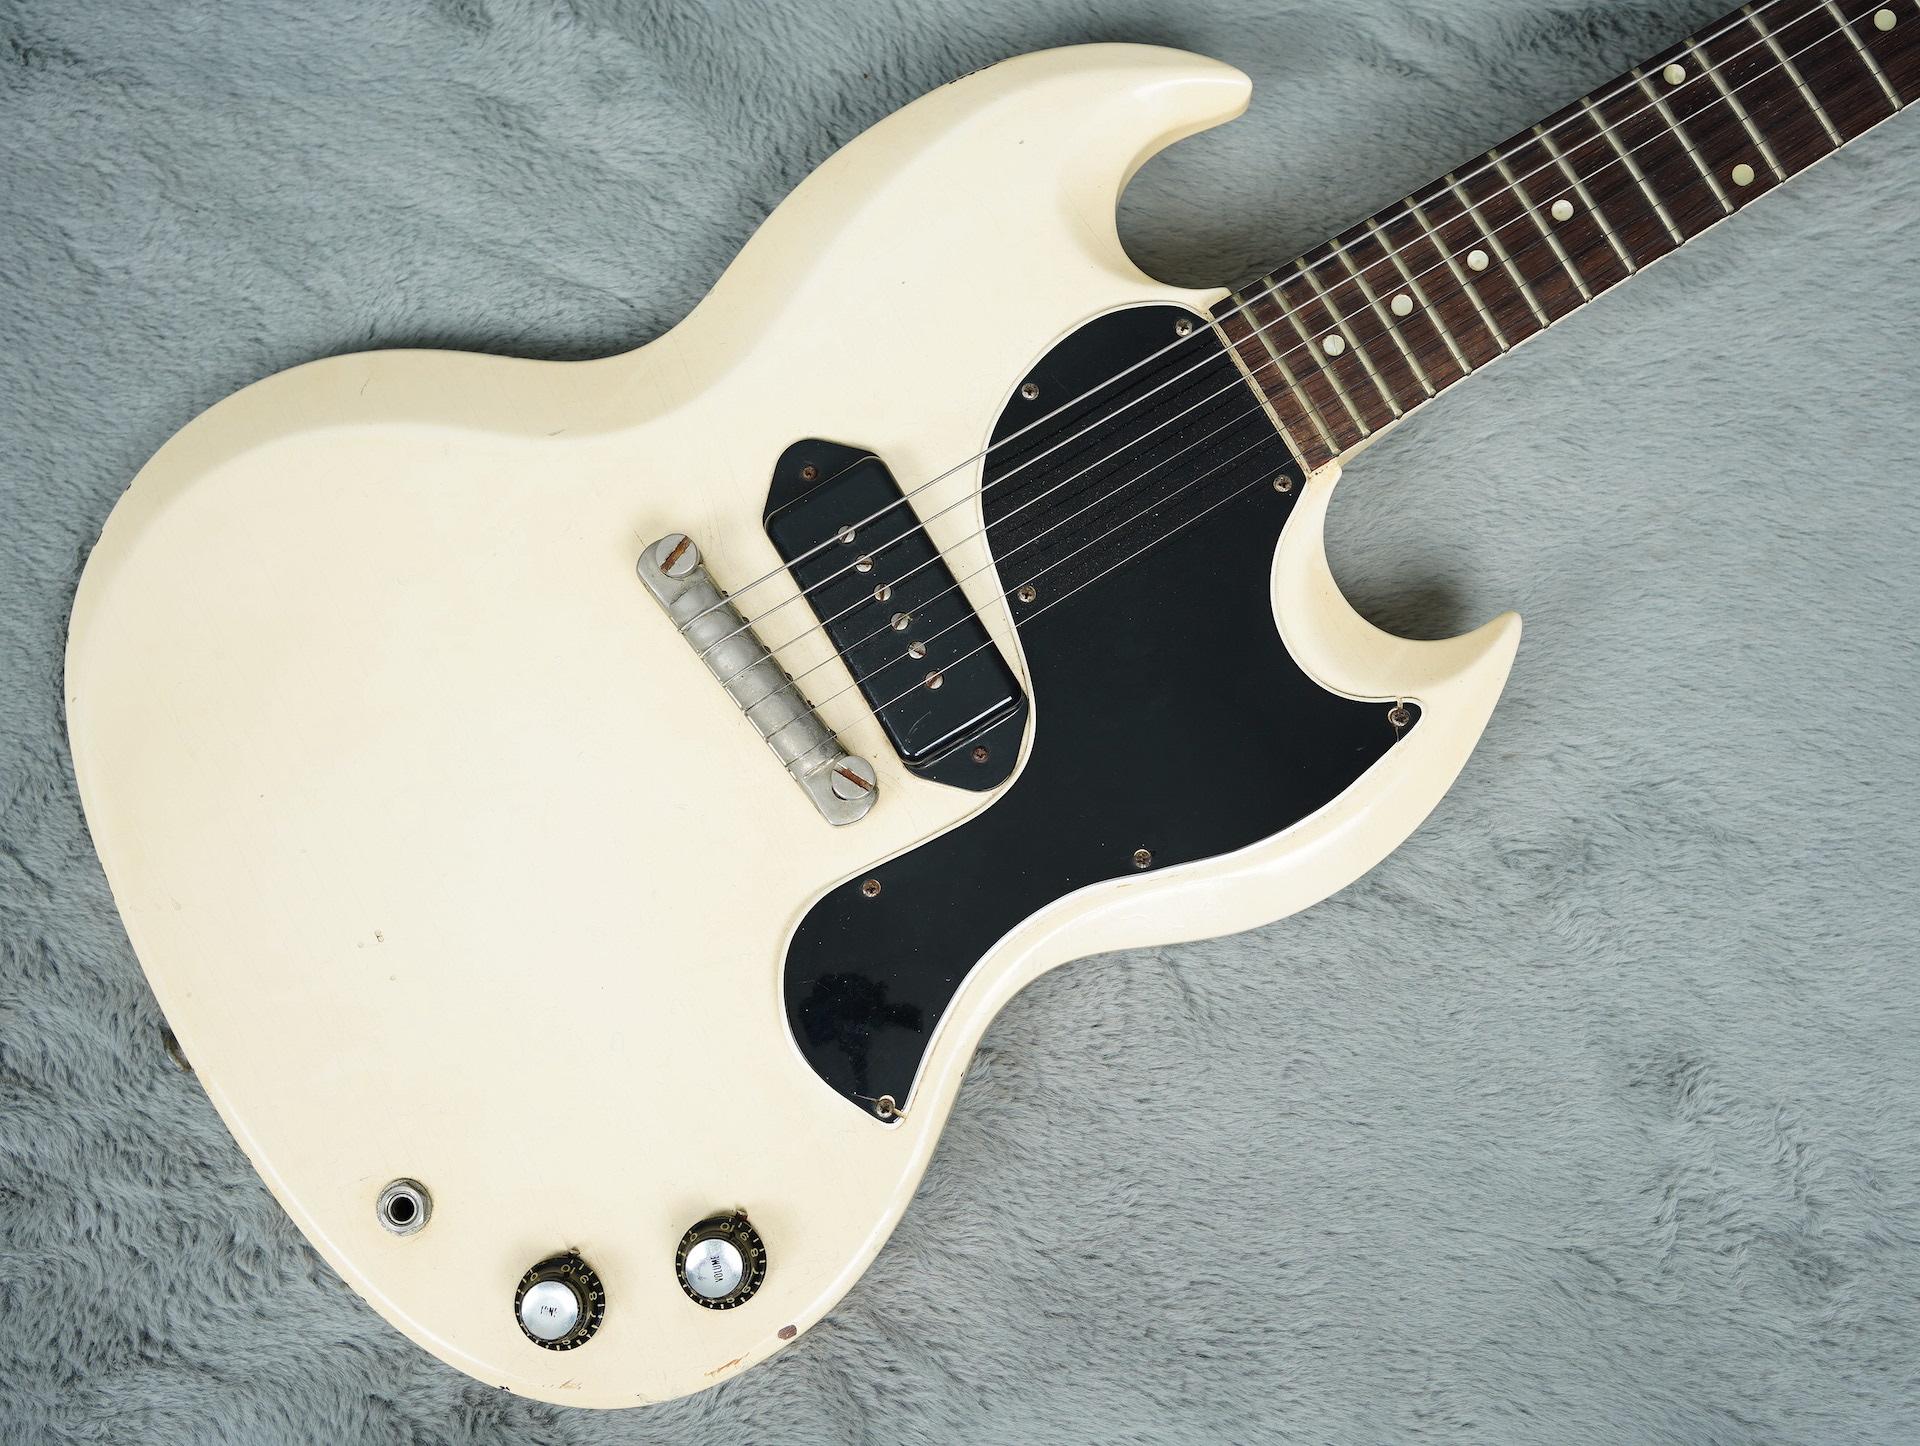 1962 Gibson Les Paul SG Junior white + HSC